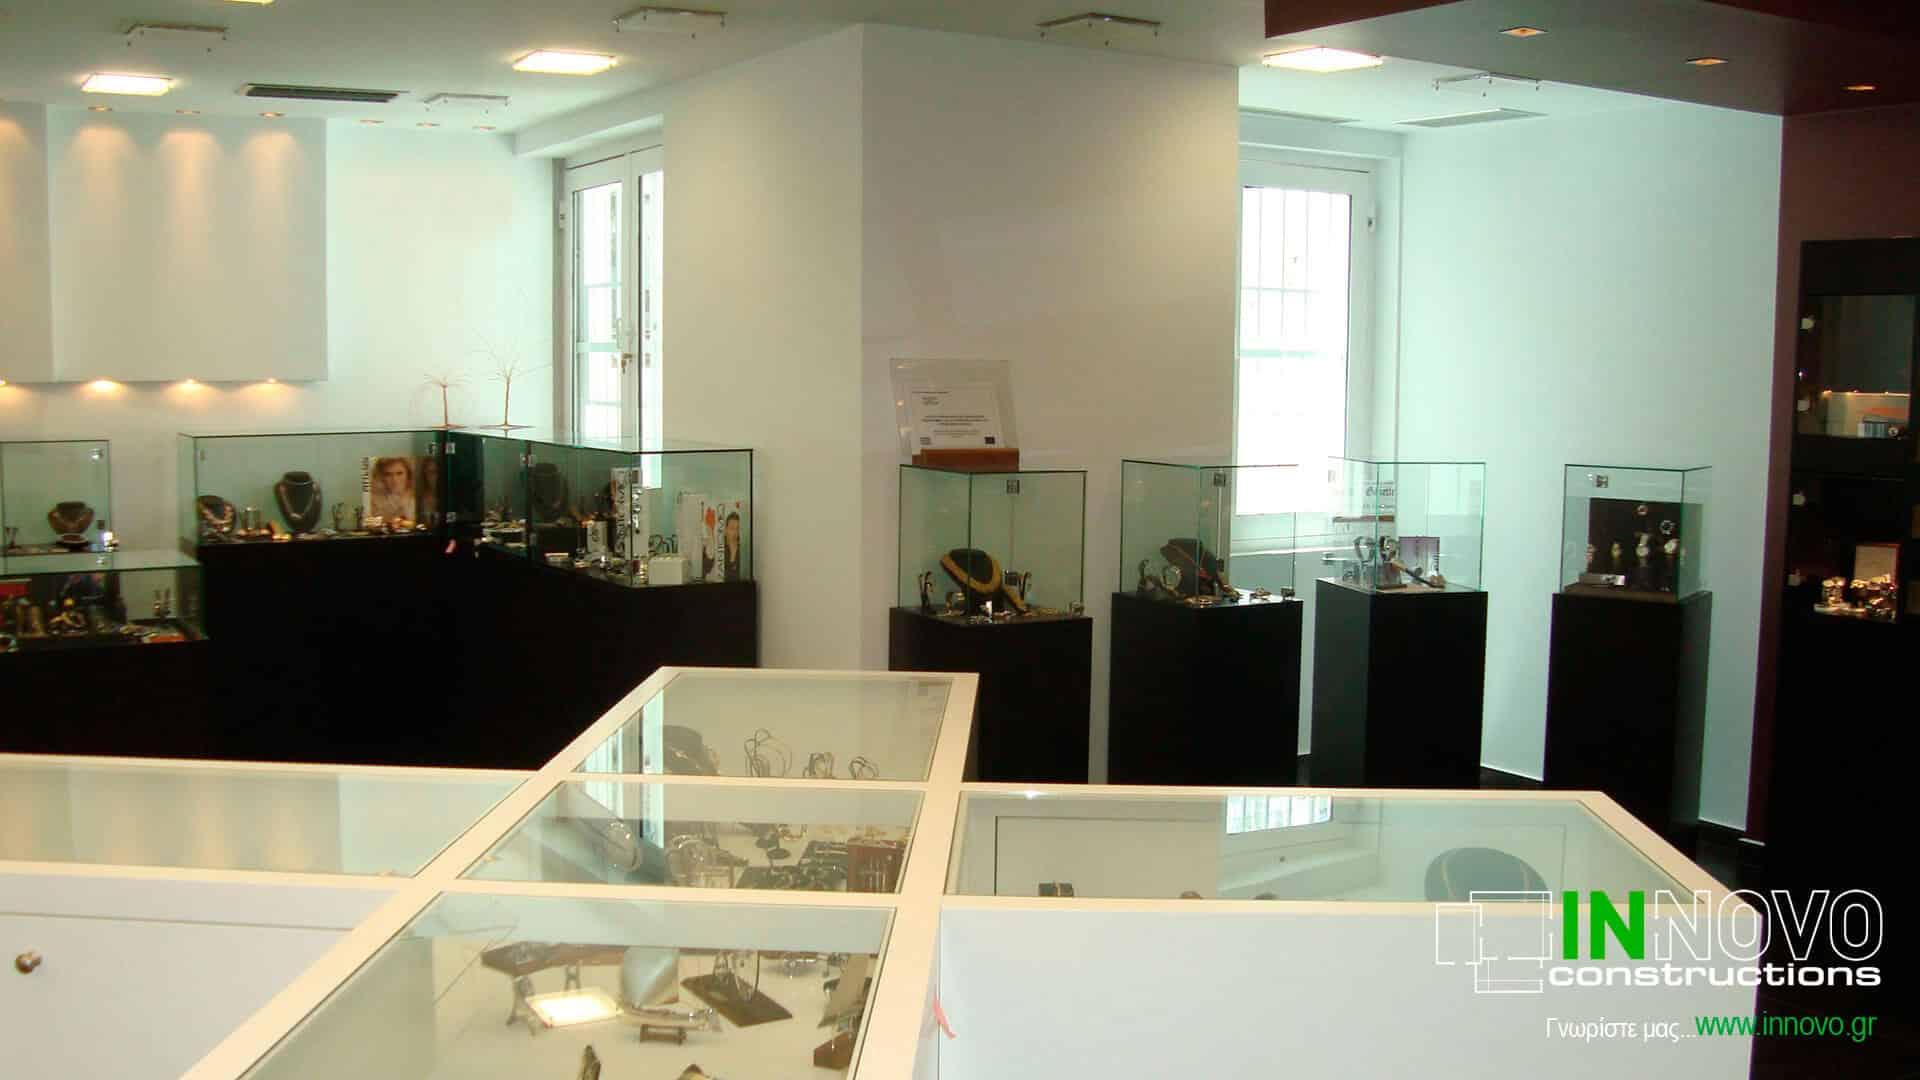 anakainisi-etaireias-company-renovation-soultos-grafeia-1048-18